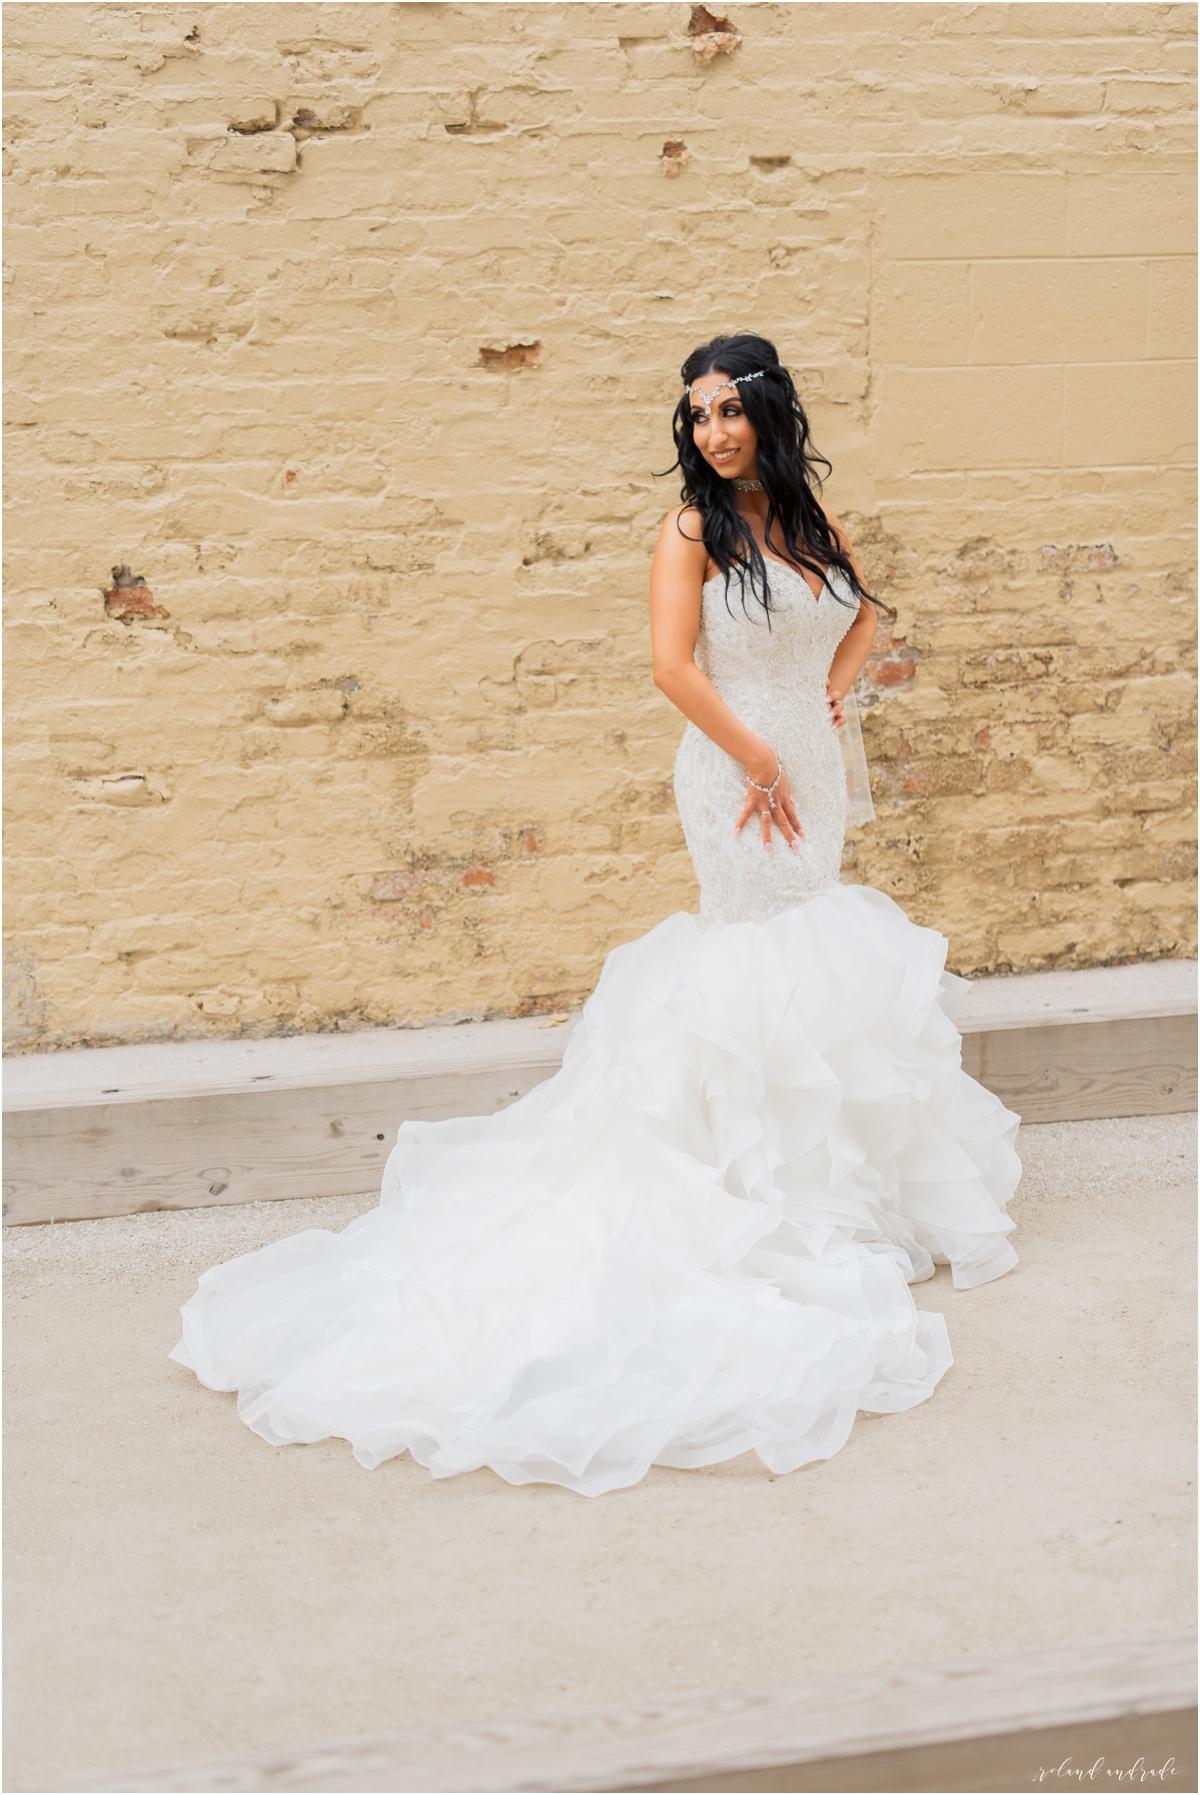 Italian American Society Wedding in Kenosha Wisconsin, Kenosha Wisconsin Wedding Photographer, Chicago Wedding Photography Kenosha Mexican Italian Wedding_0048.jpg